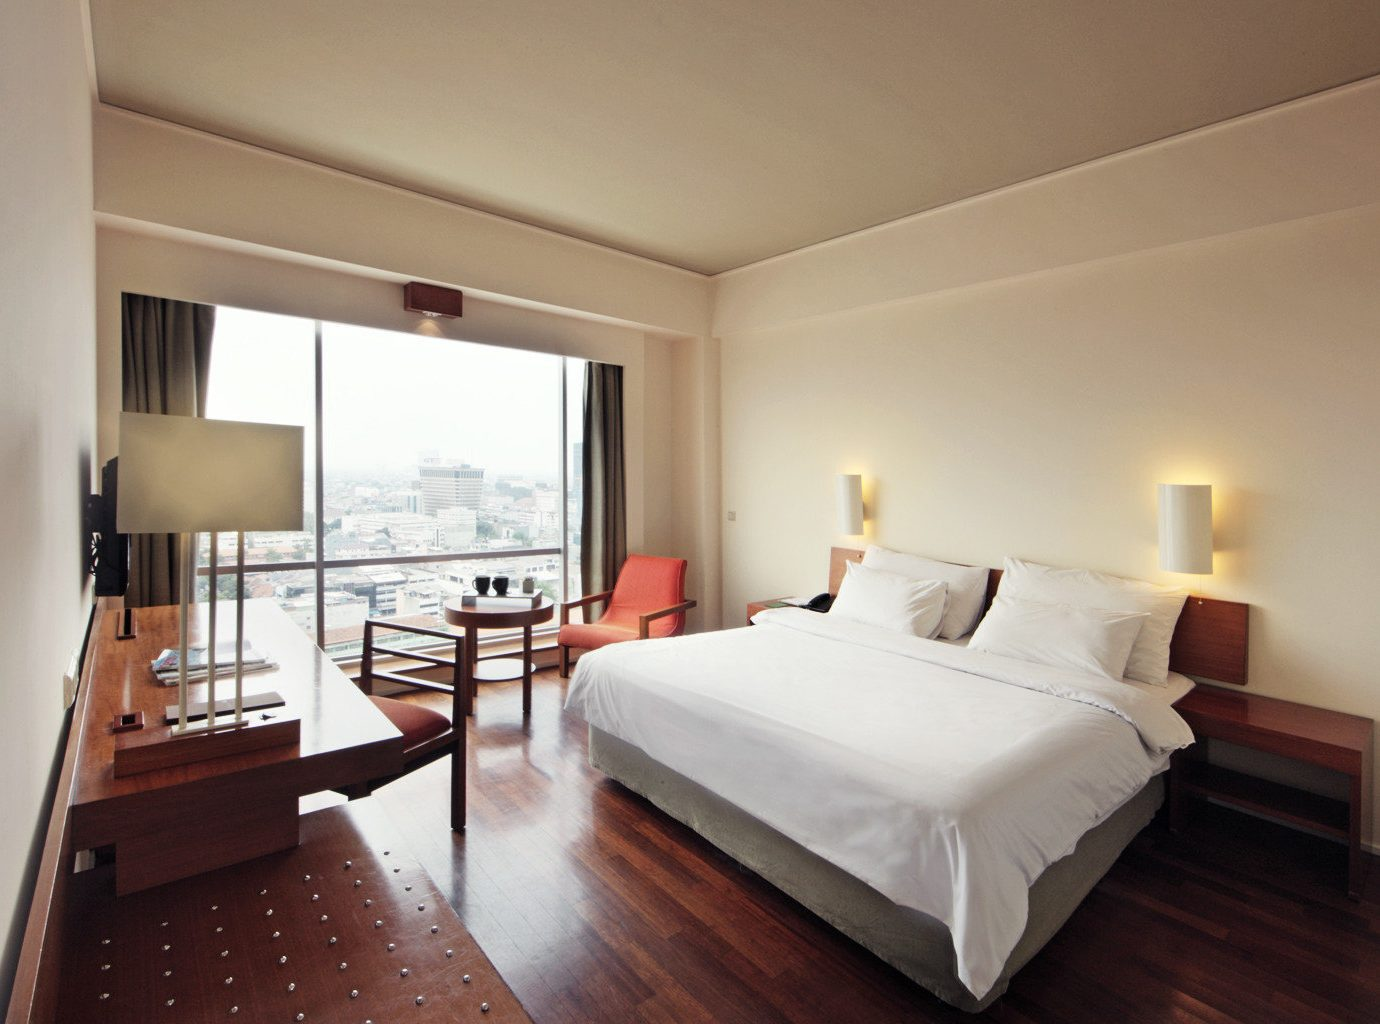 Bedroom Luxury Scenic views Suite property hardwood cottage Villa